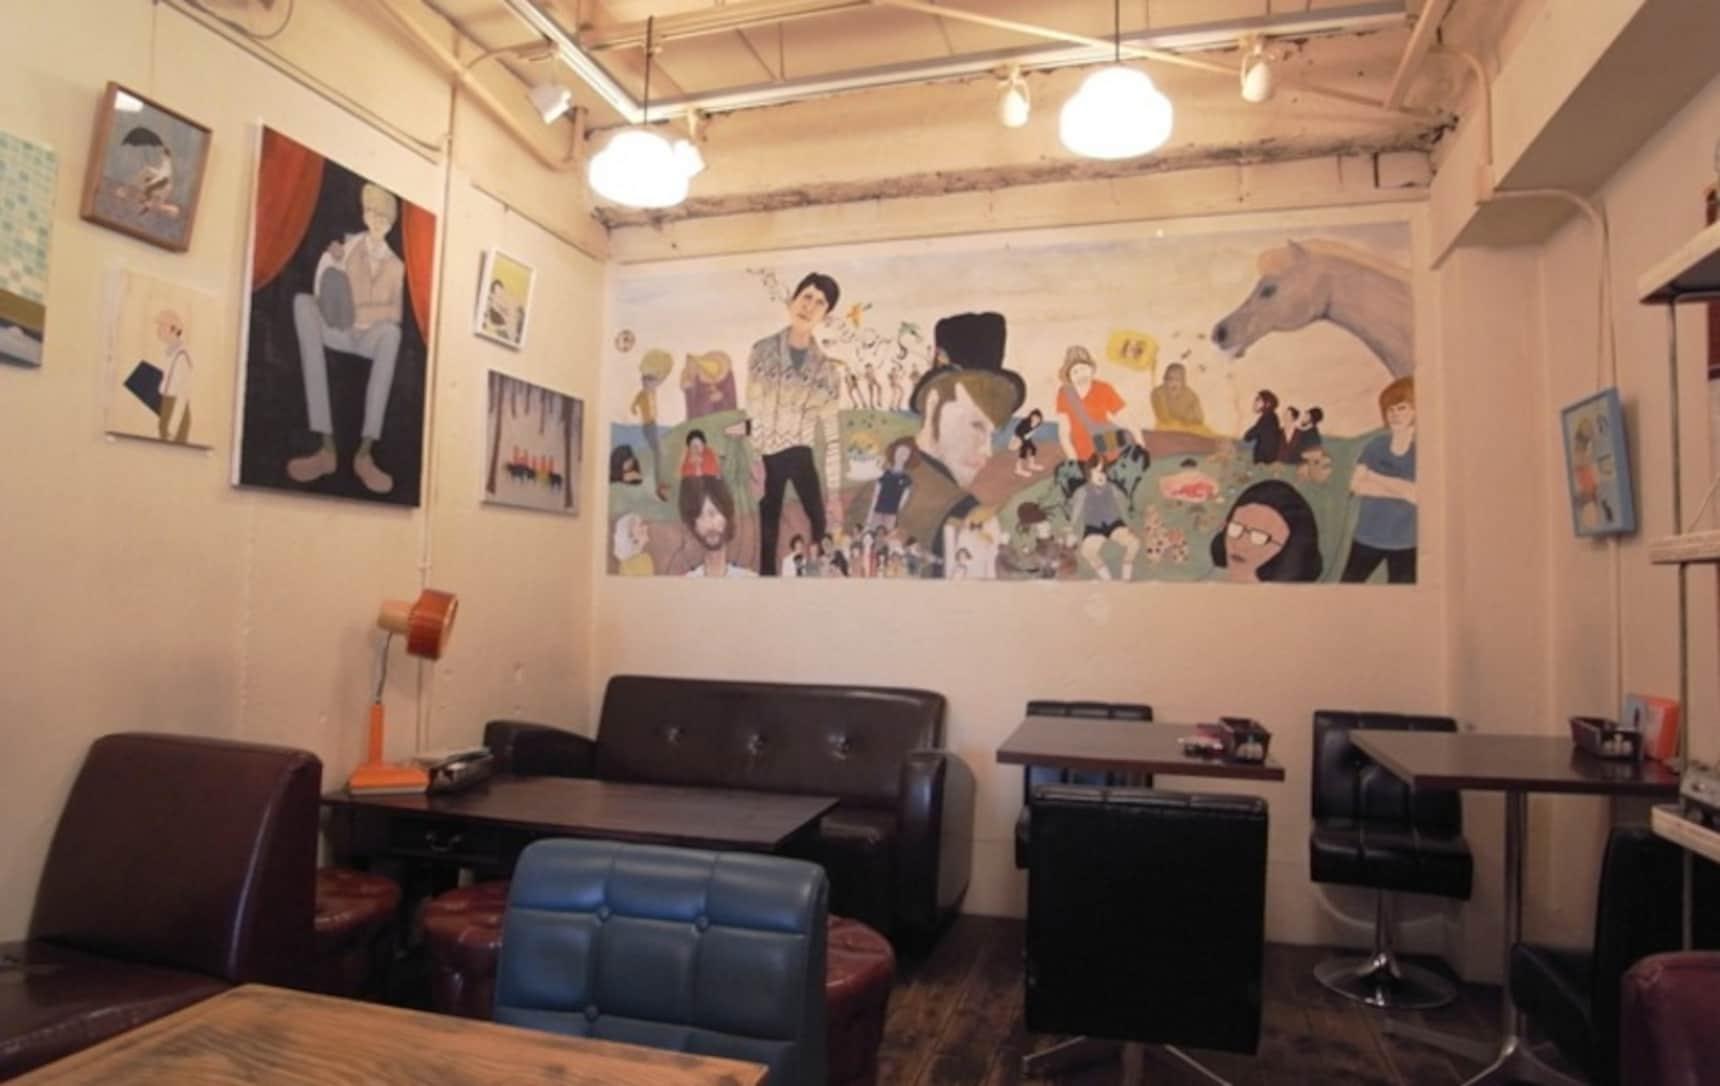 5 คาเฟ่&บาร์ที่มี Art Space สำหรับชมงานศิลปะ